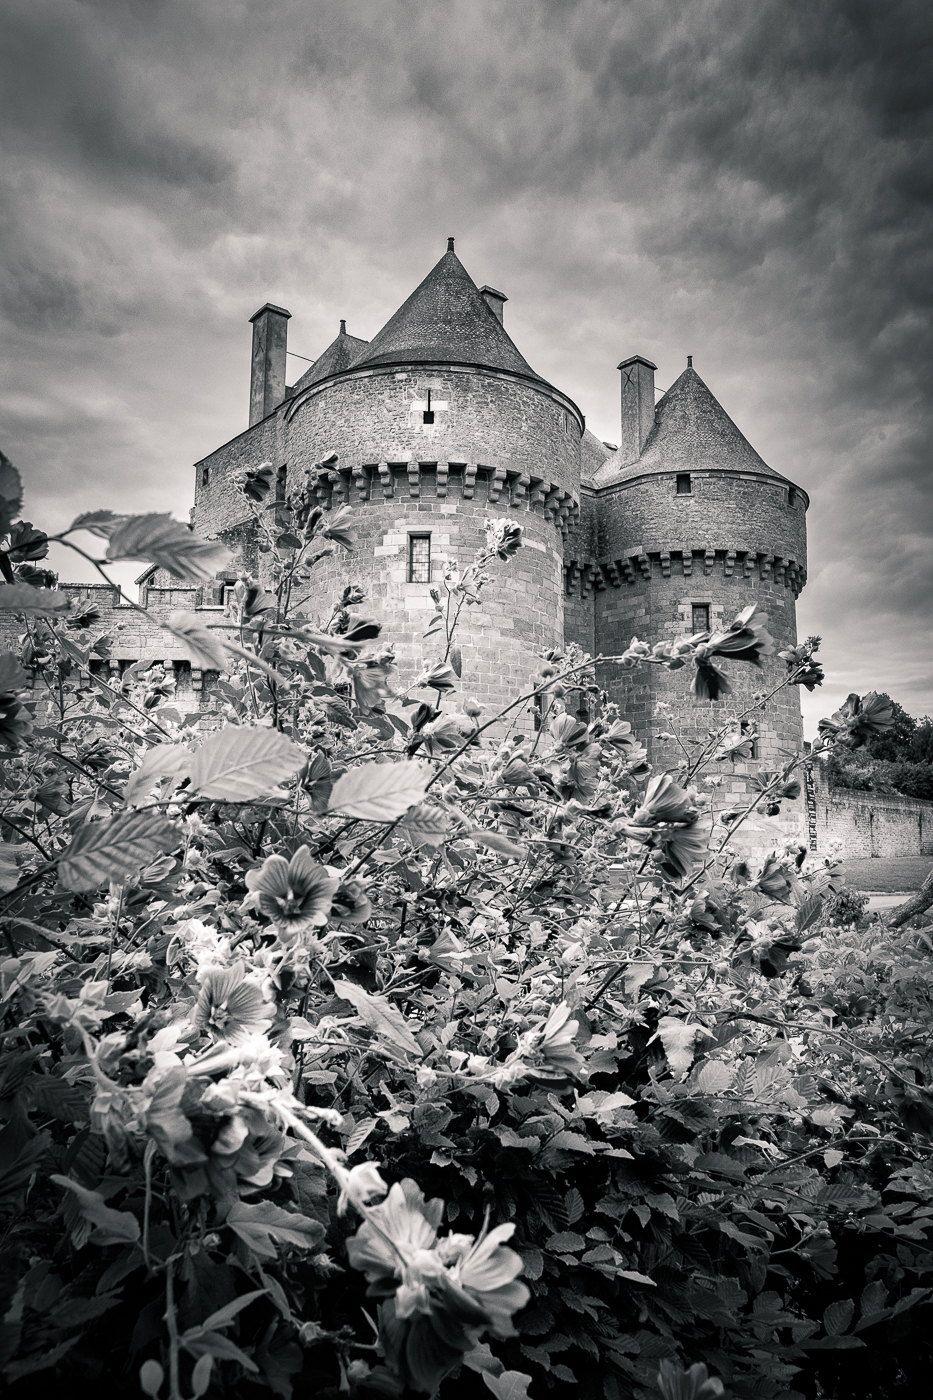 Remparts de Guérande by Cédric Blondeel on 500px